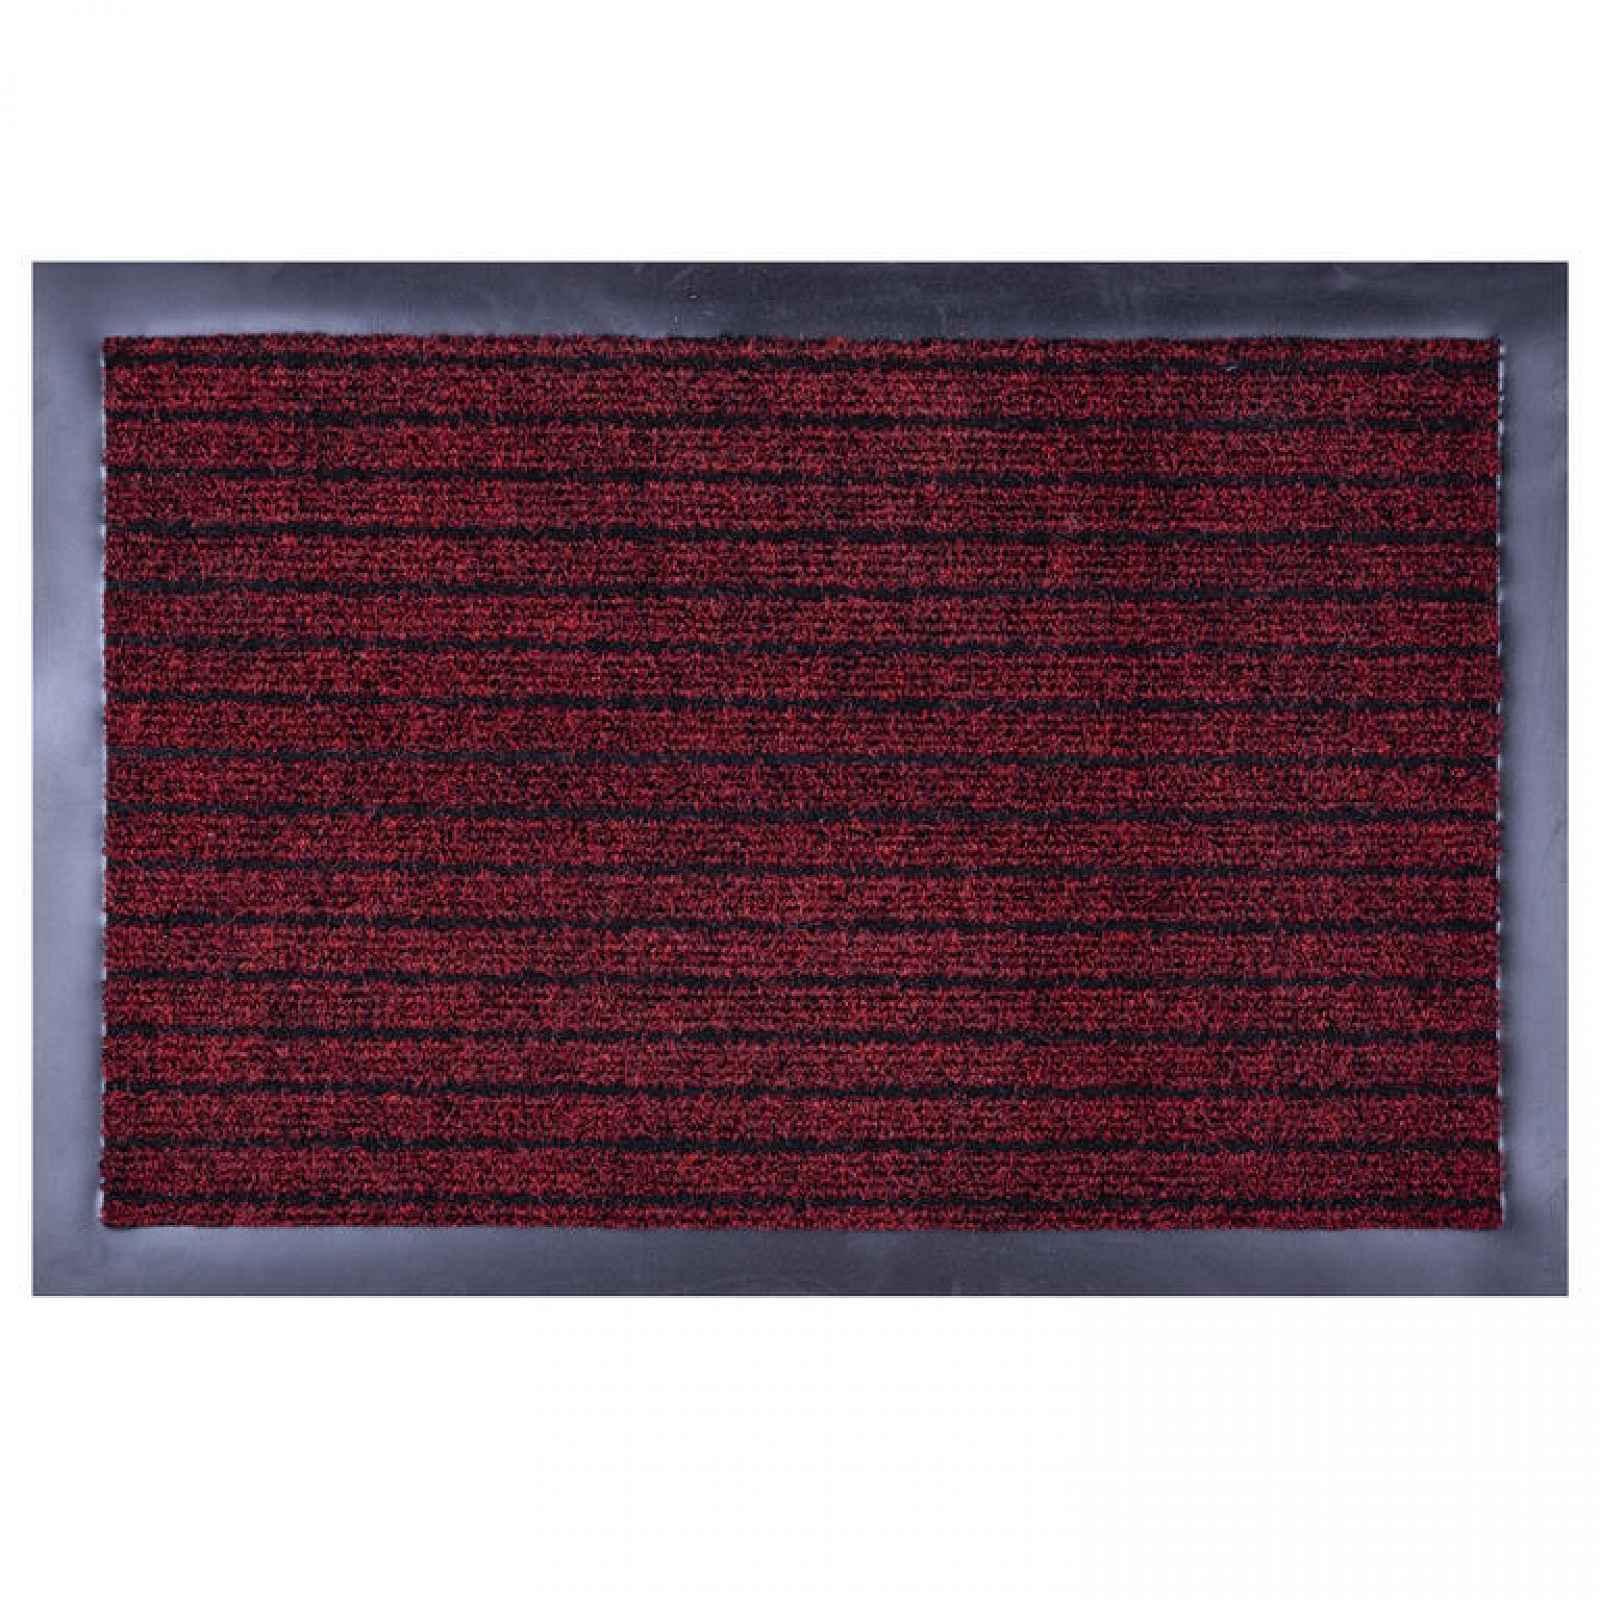 Zátěžová rohožka DuraMat vínová 100 x 150 cm